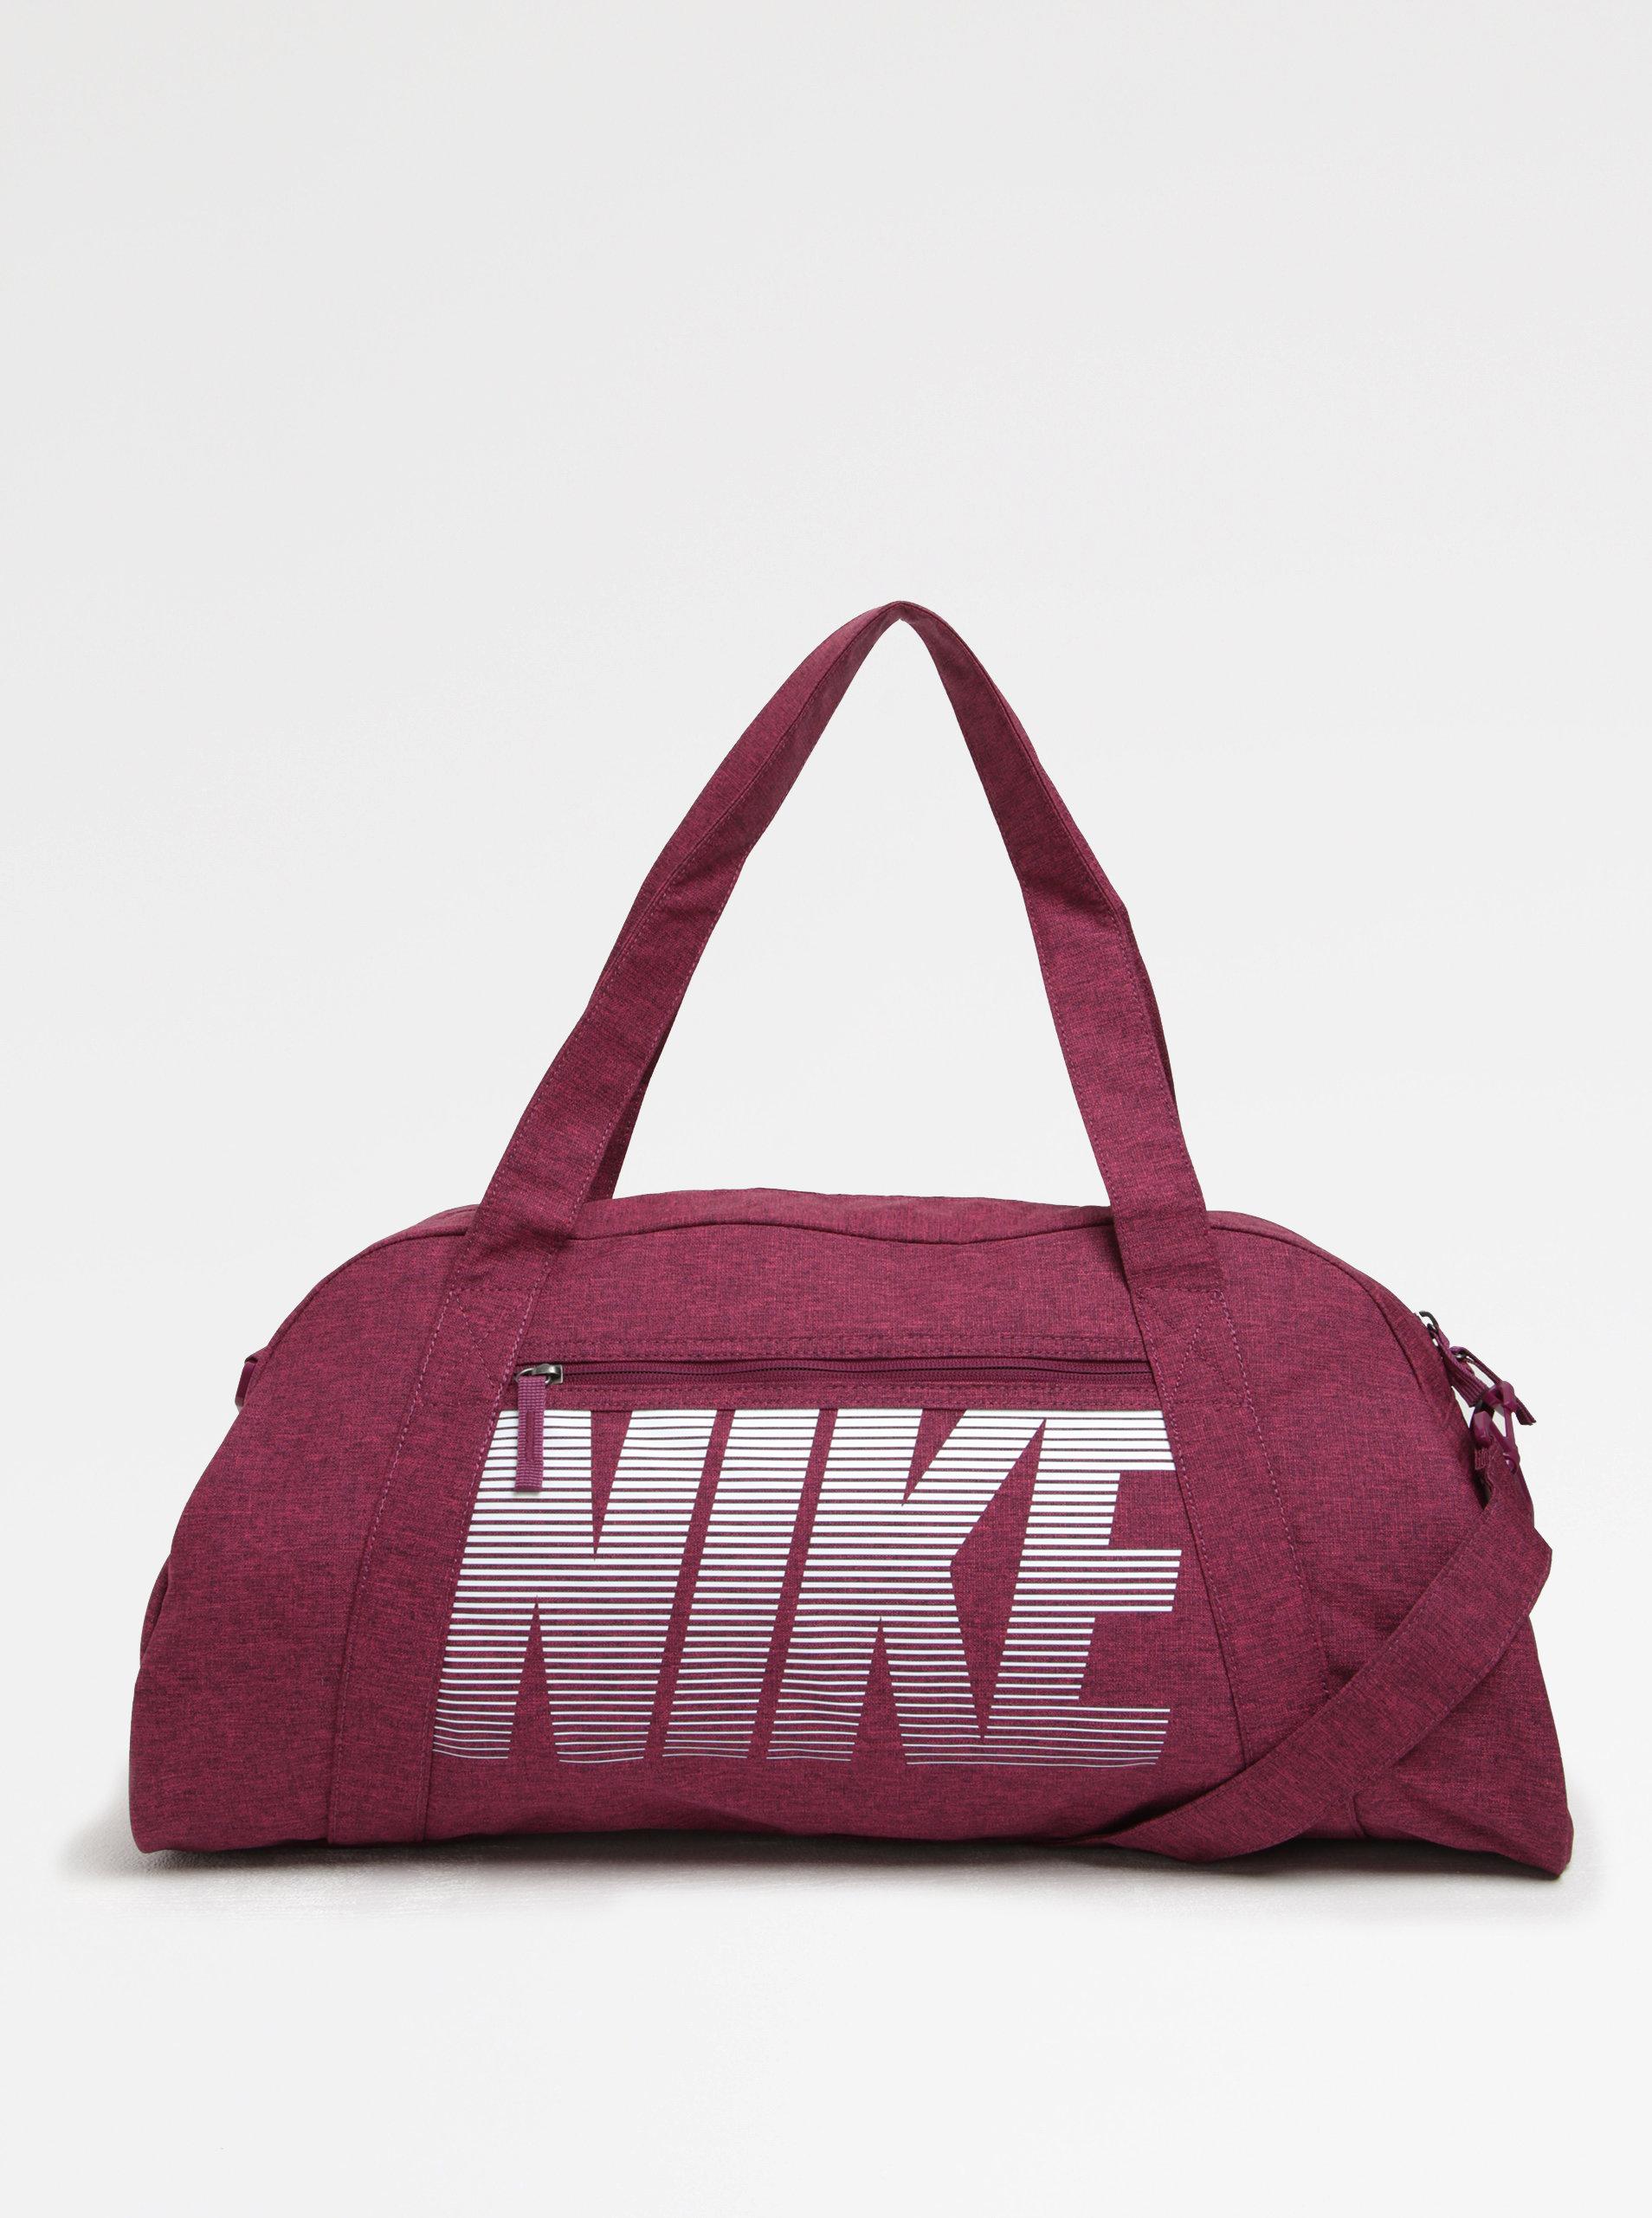 Ružová dámska športová taška s potlačou Nike Gym Club ... 970eb7ed3a